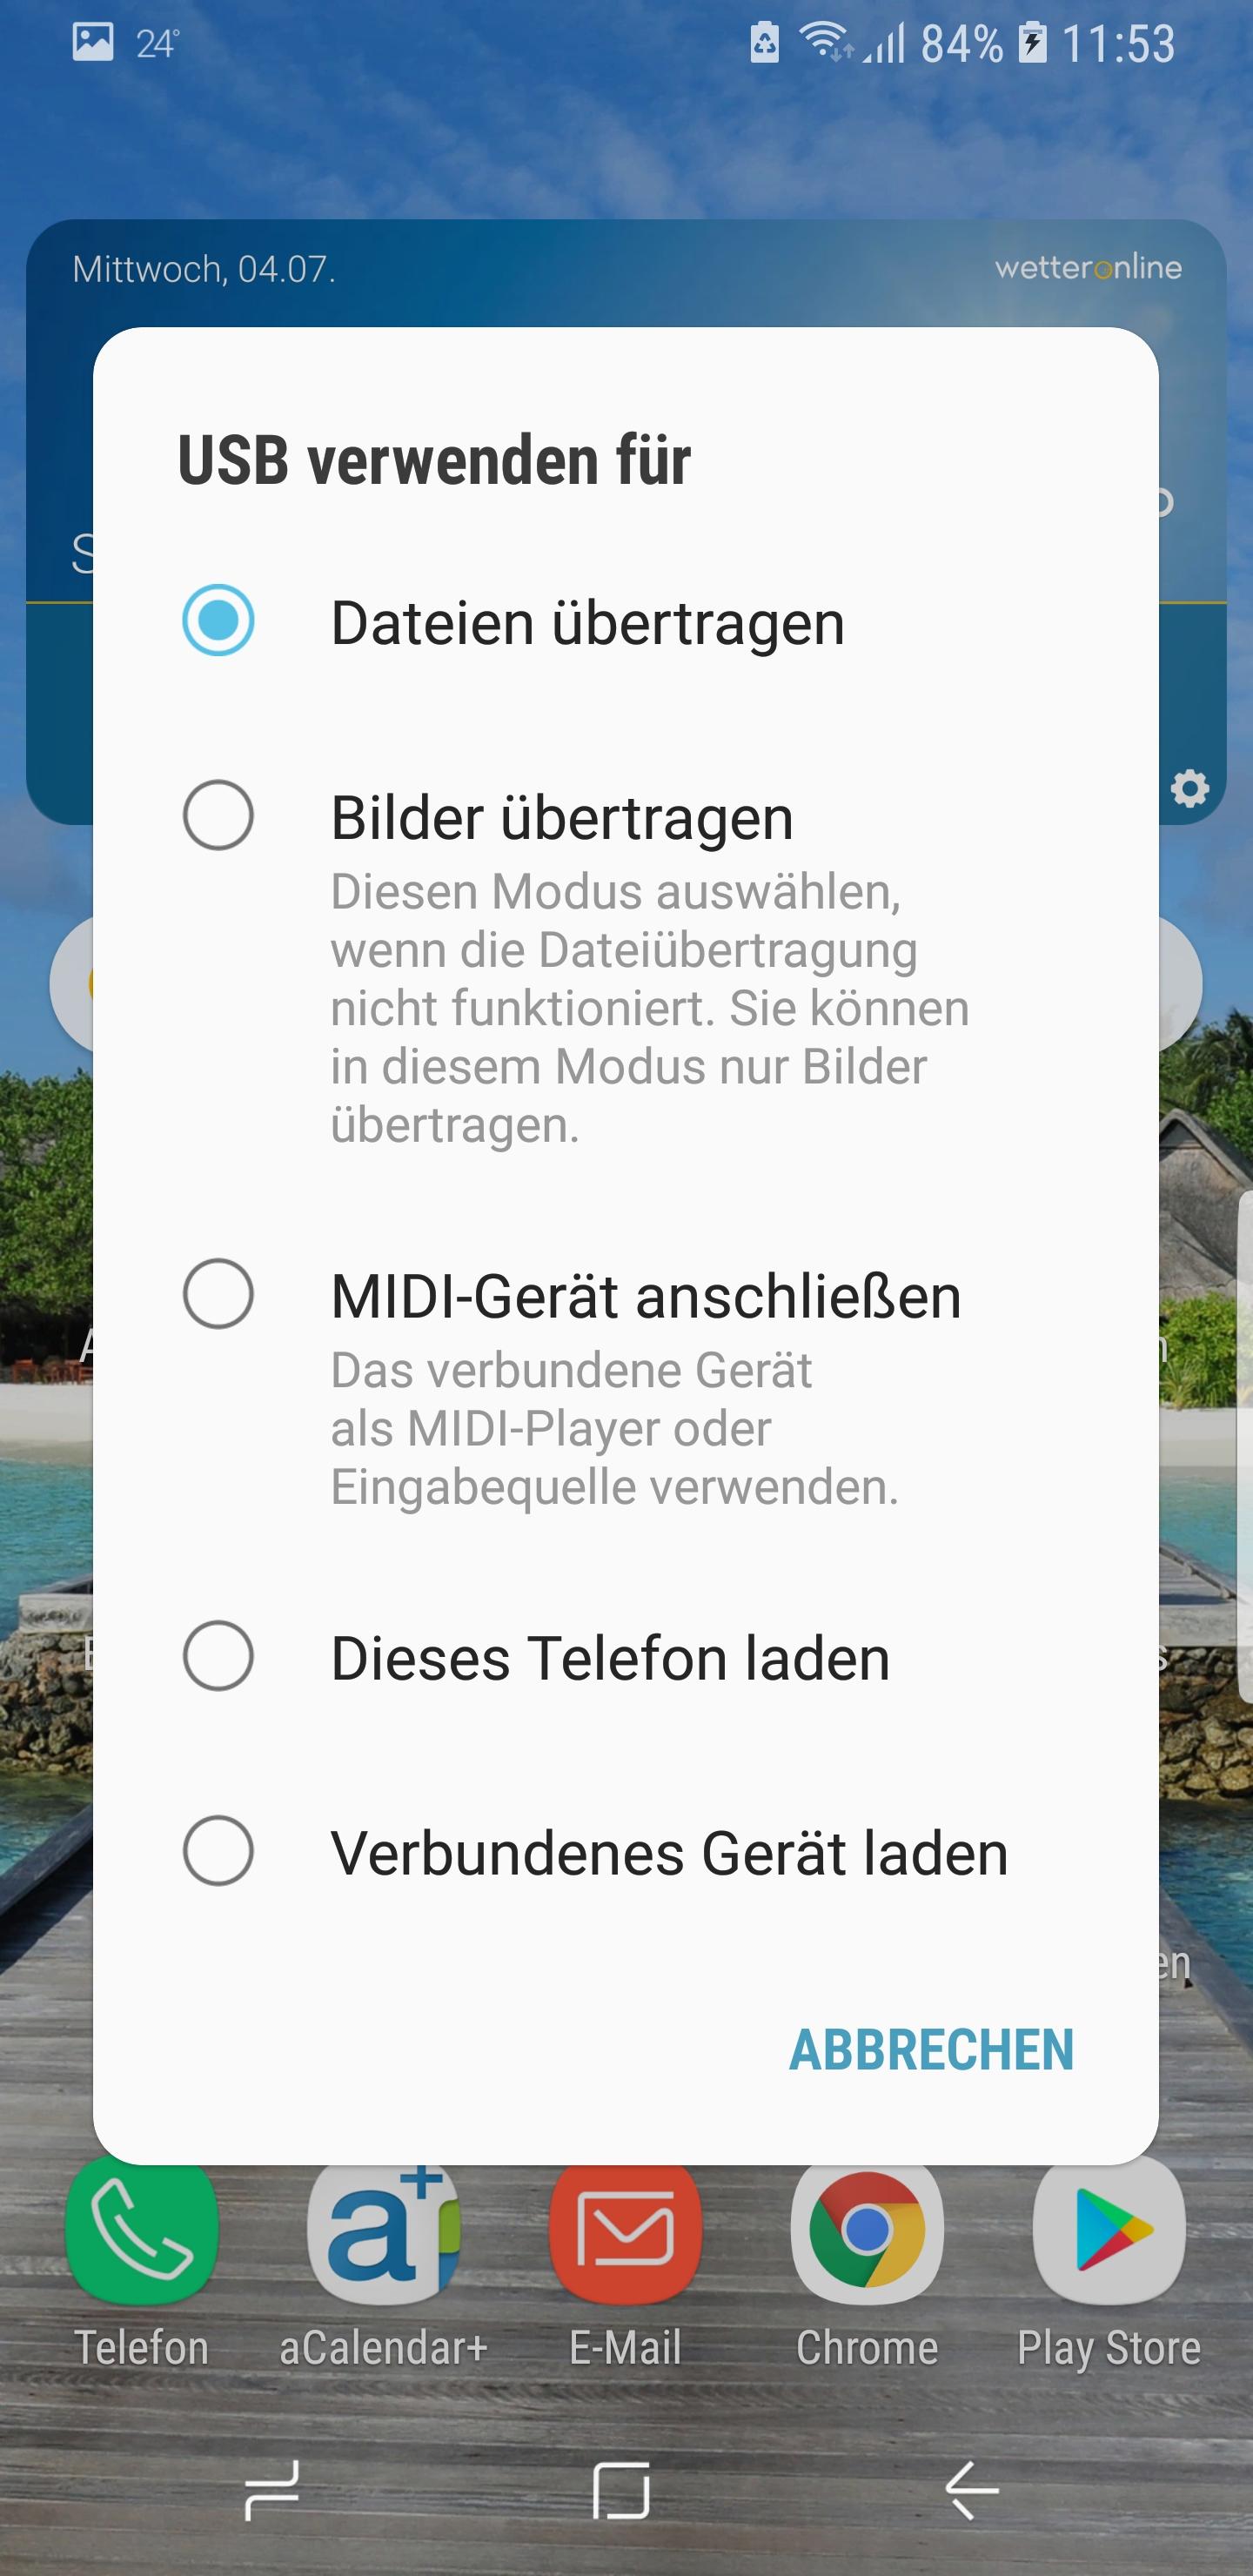 Datenaustausch S9 Und Pc Nicht Möglich Samsung Community